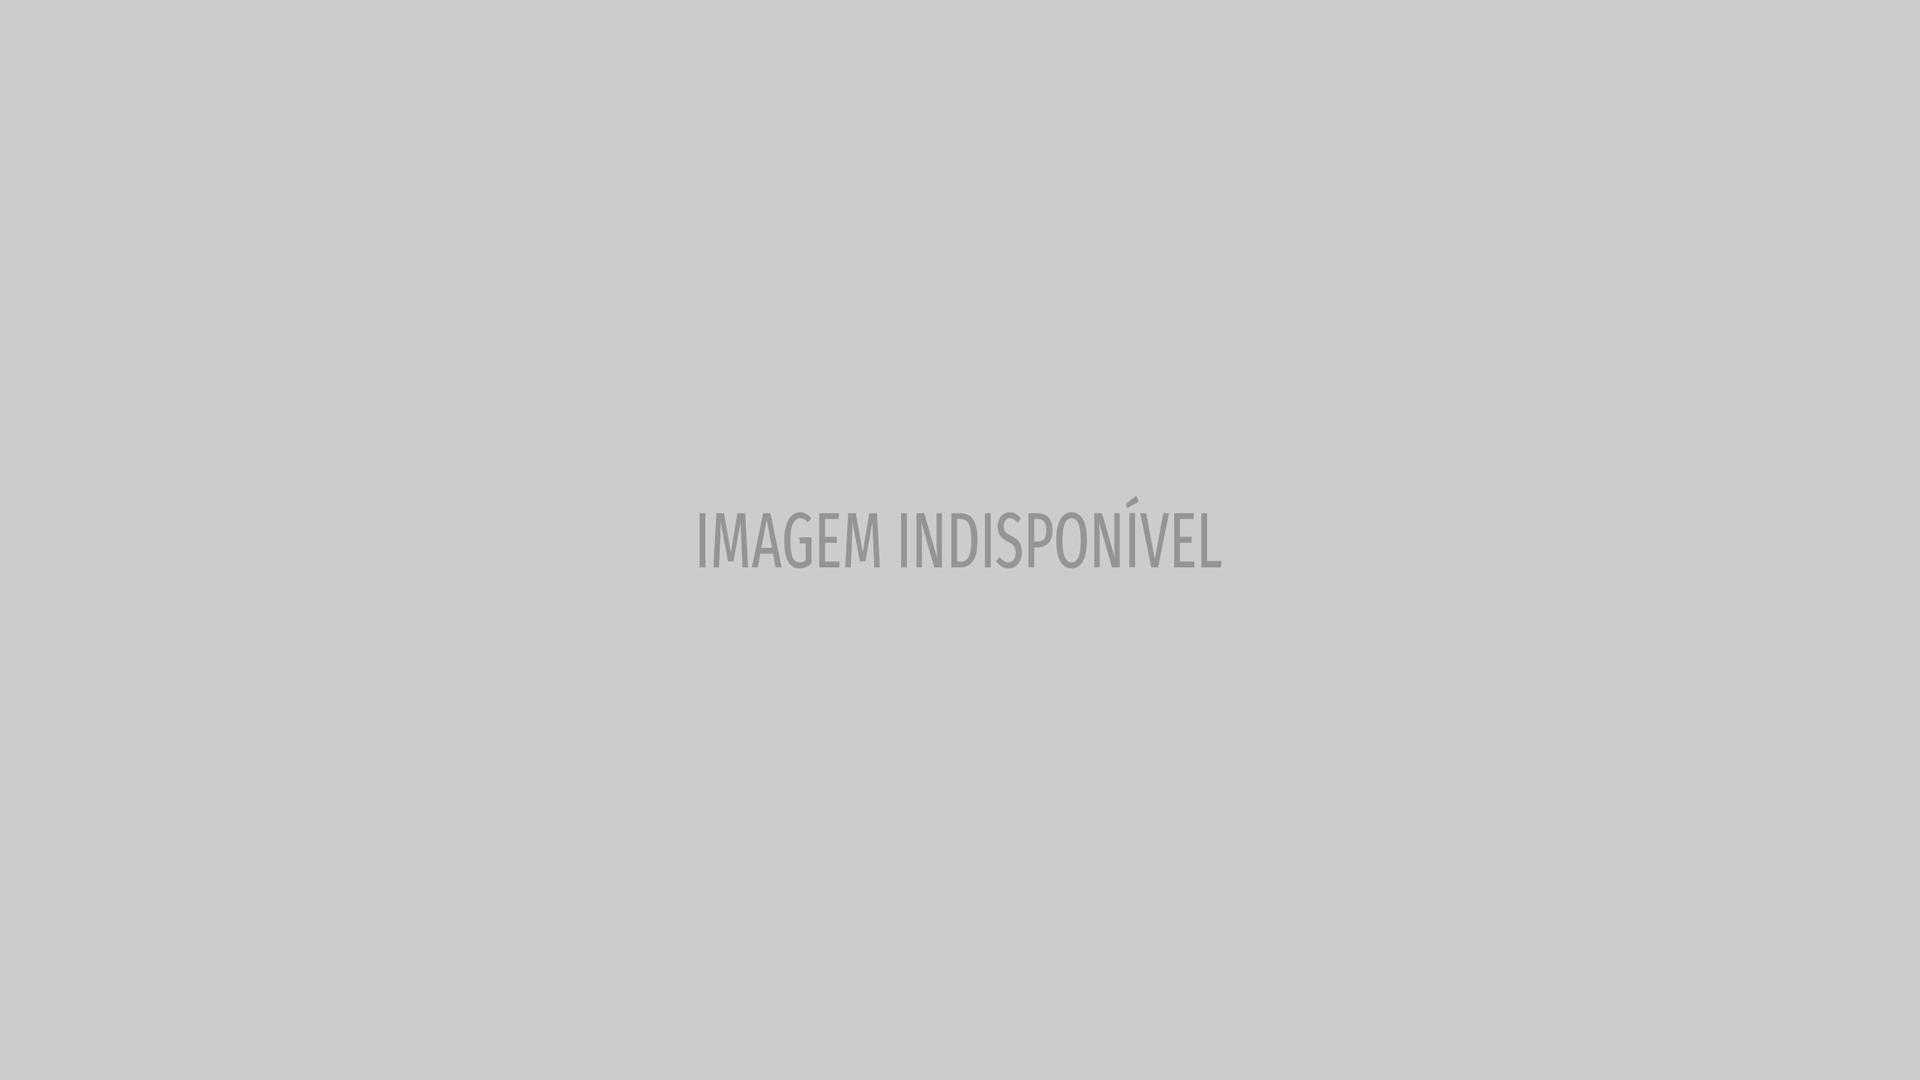 21ª Parada do Orgulho Lgbt reúne 3 milhões de pessoas em São Paulo